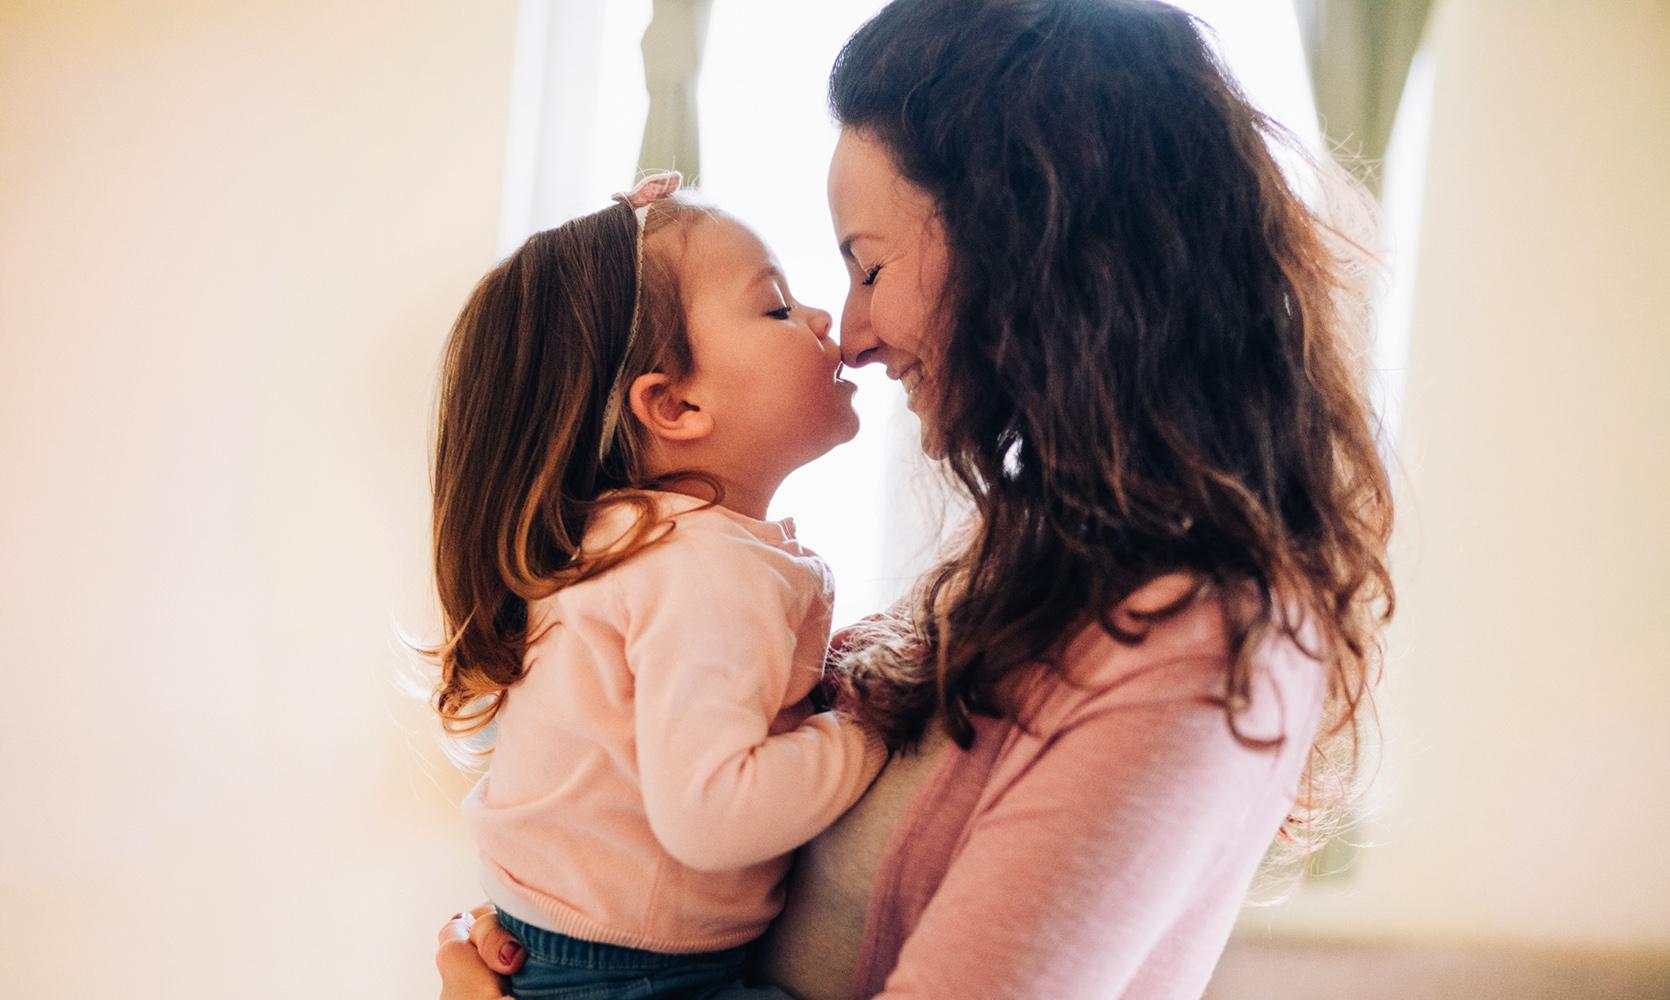 Podwyższone monocyty u dziecka – jaka jest przyczyna i czy trzeba iść do lekarza?